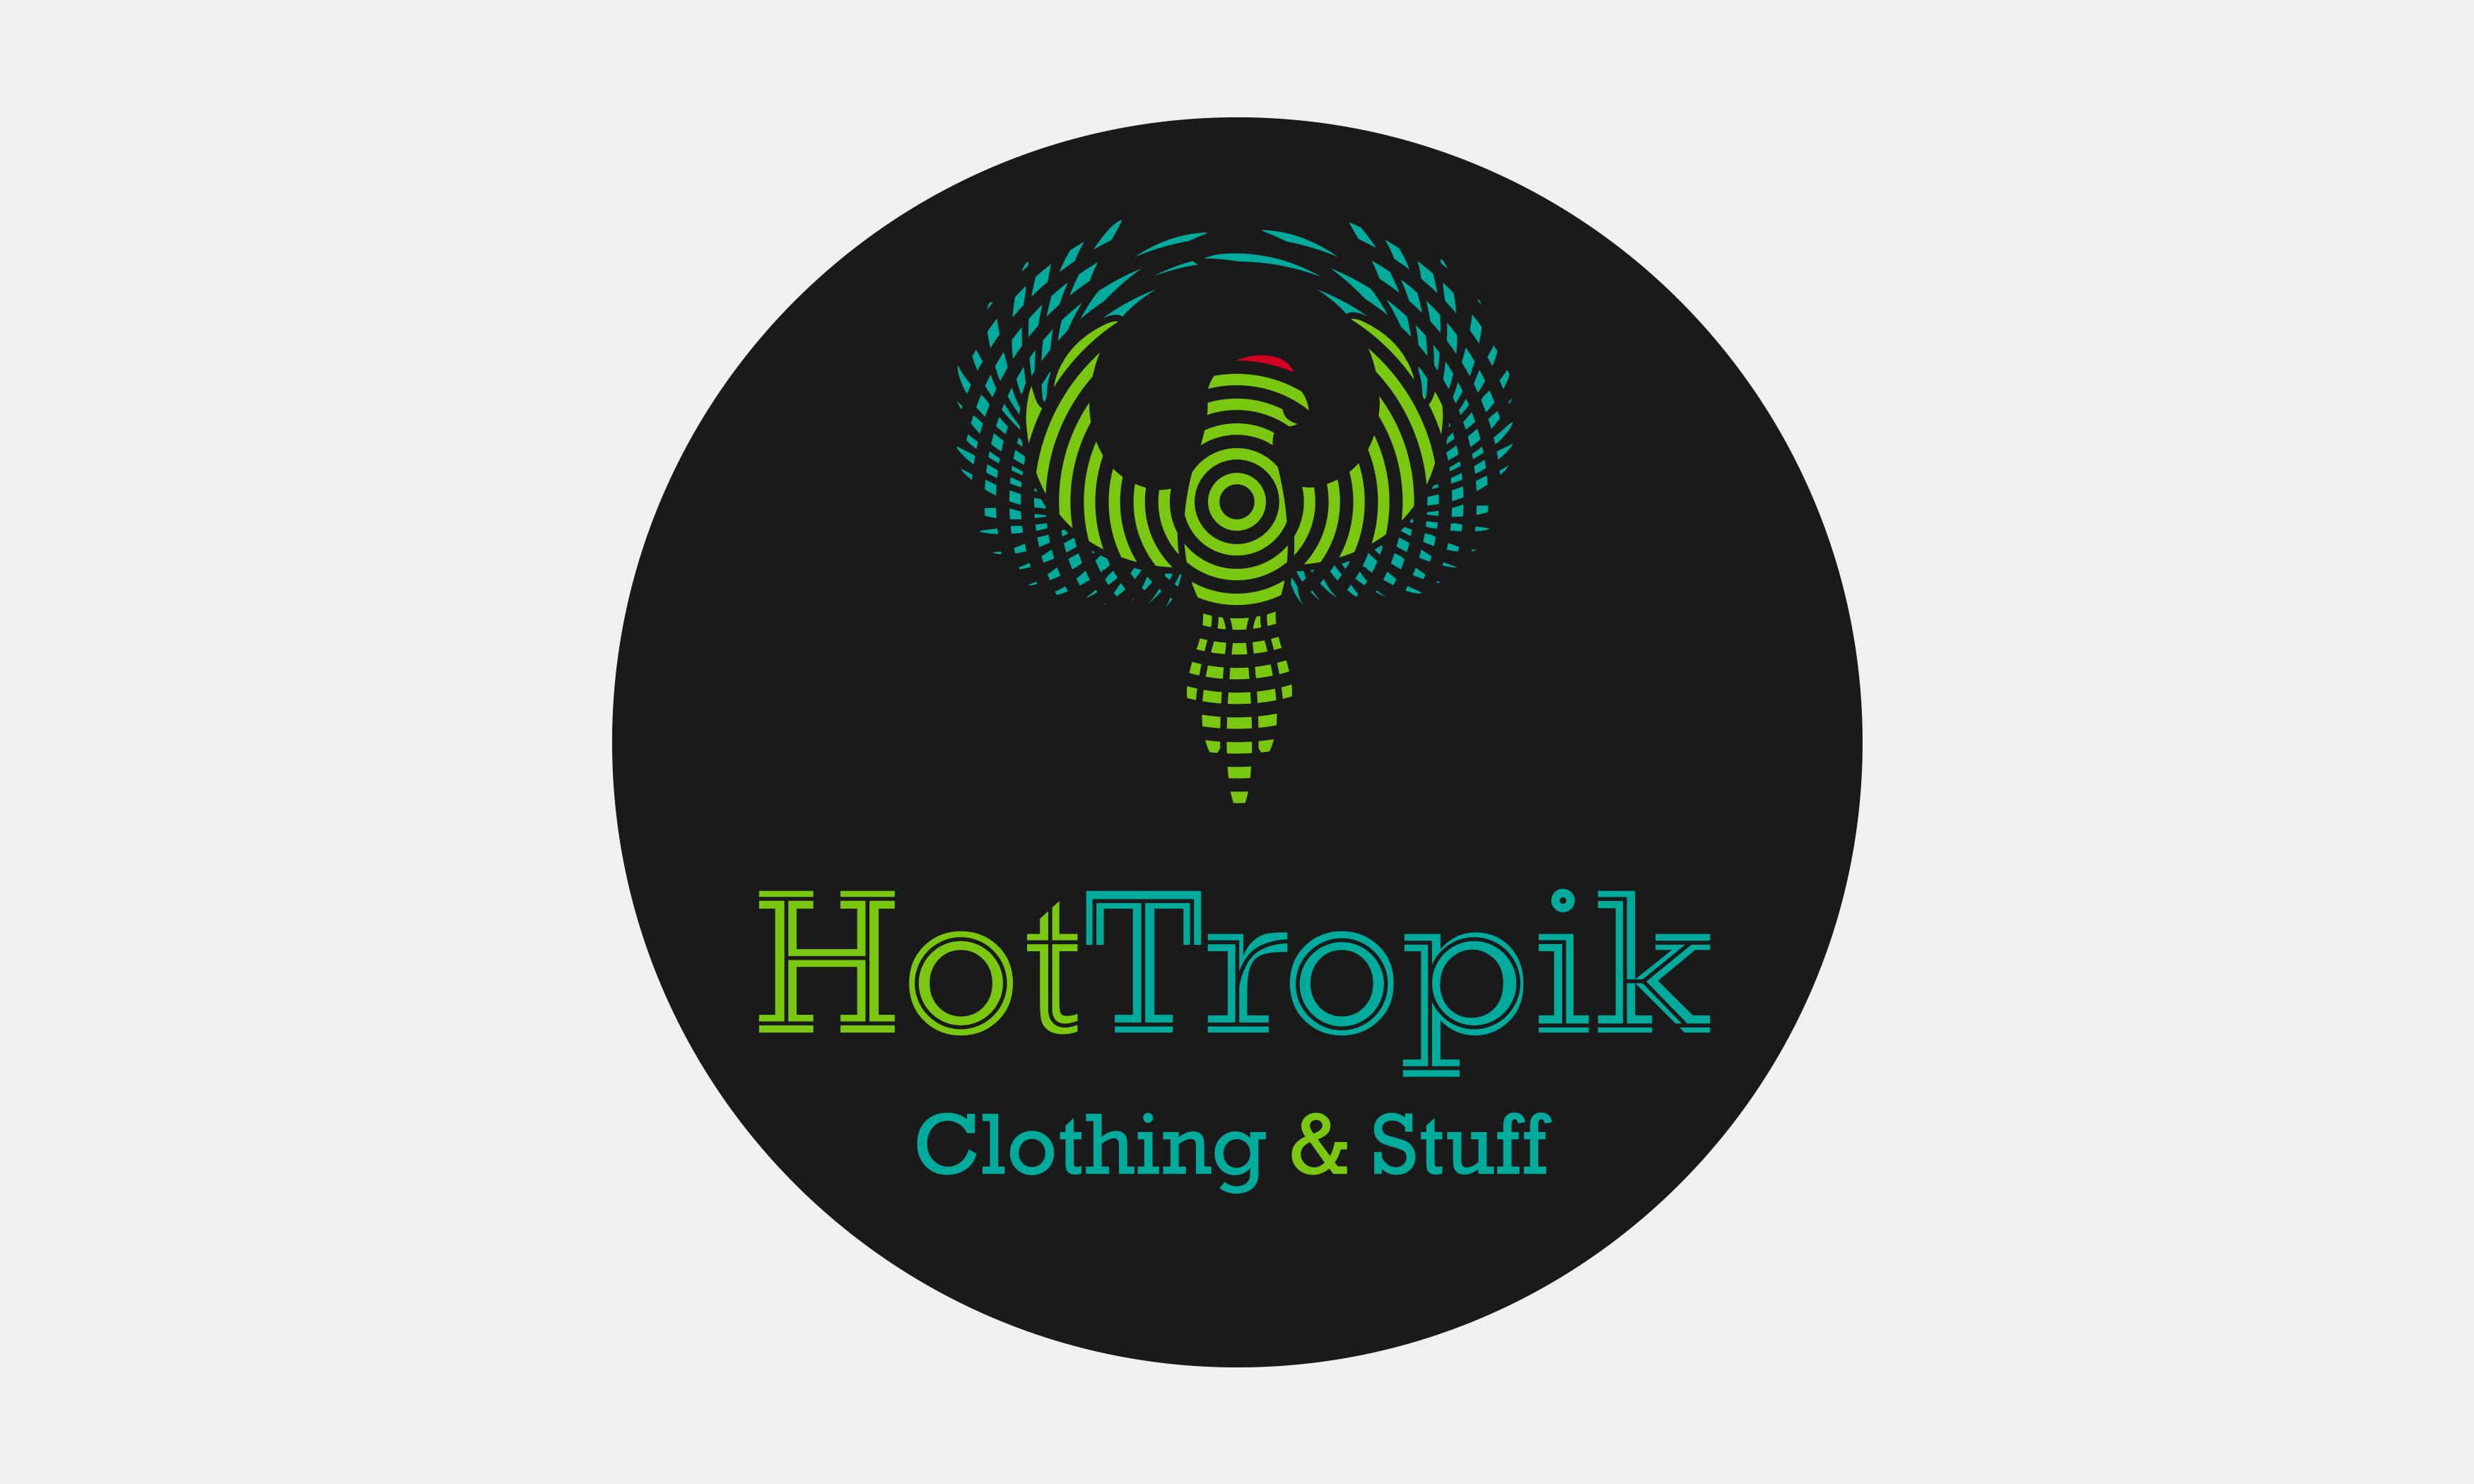 Hot Tropik